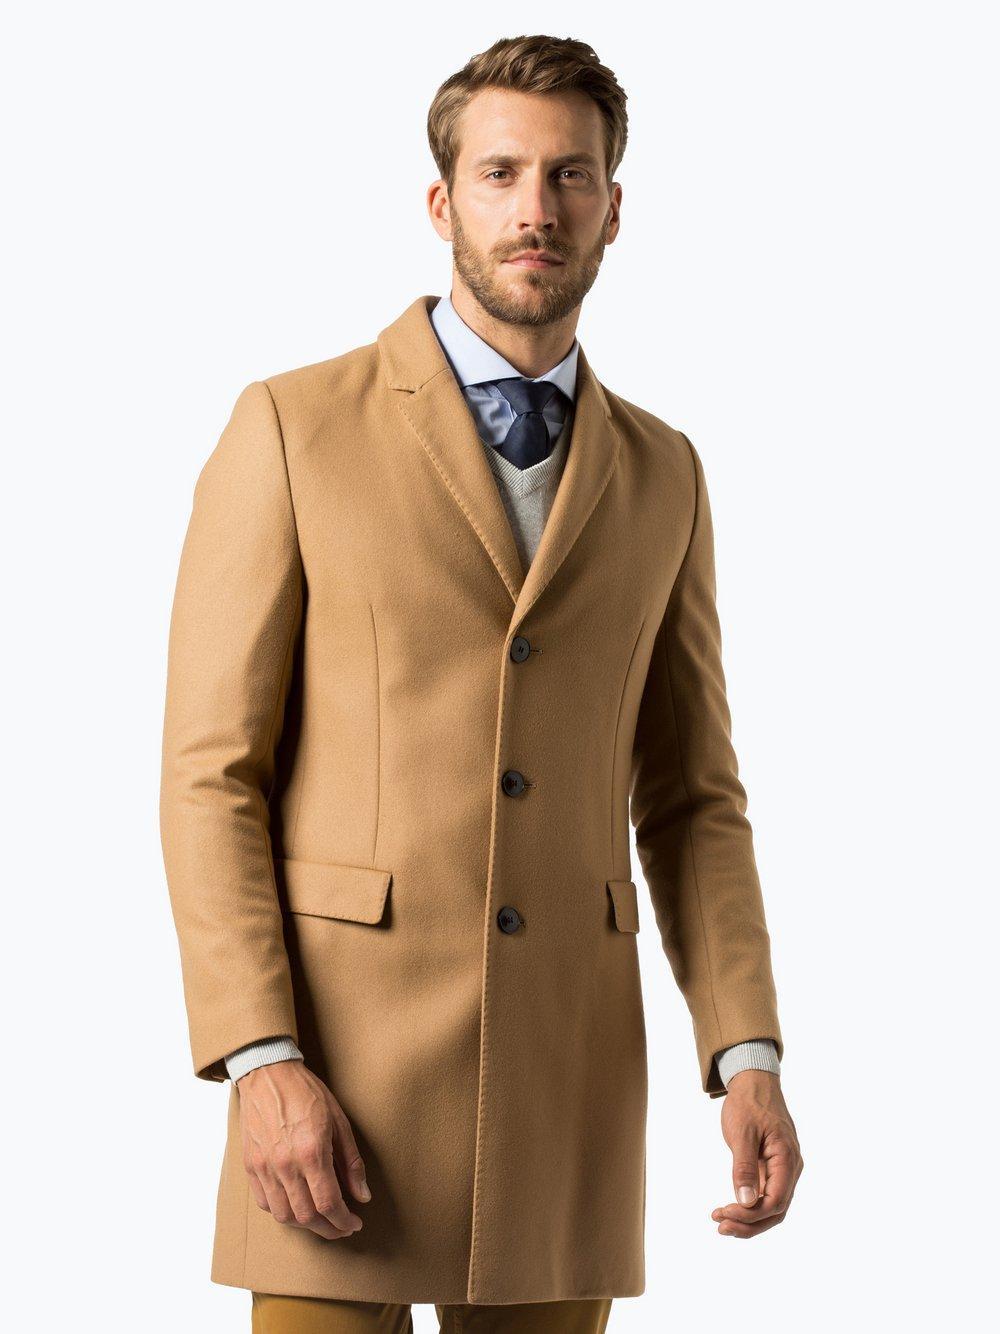 competitive price fbfde 9e00a HUGO Herren Mantel - Migor1841 online kaufen | VANGRAAF.COM